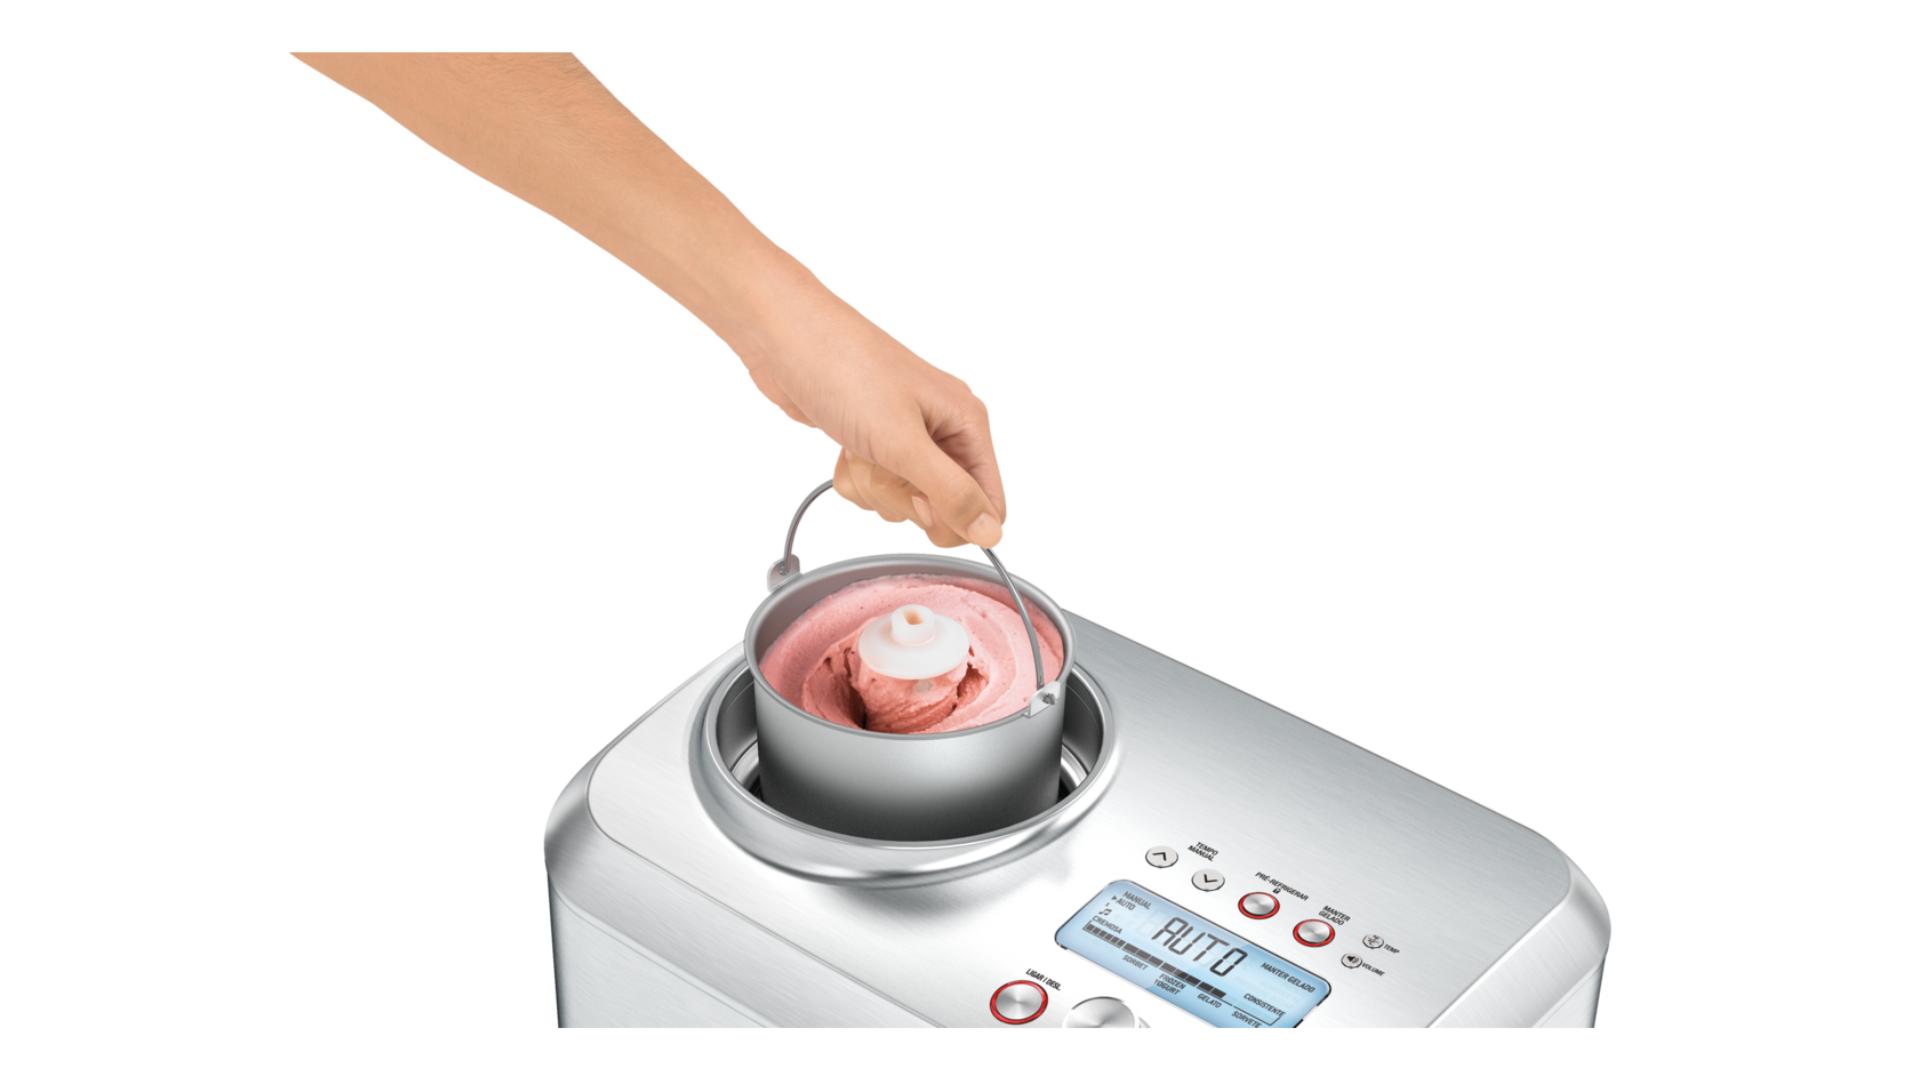 O dispenser para os ingredientes é removível, o que facilita o preparo e limpeza. (Imagem: Divulgação/Tramontina)